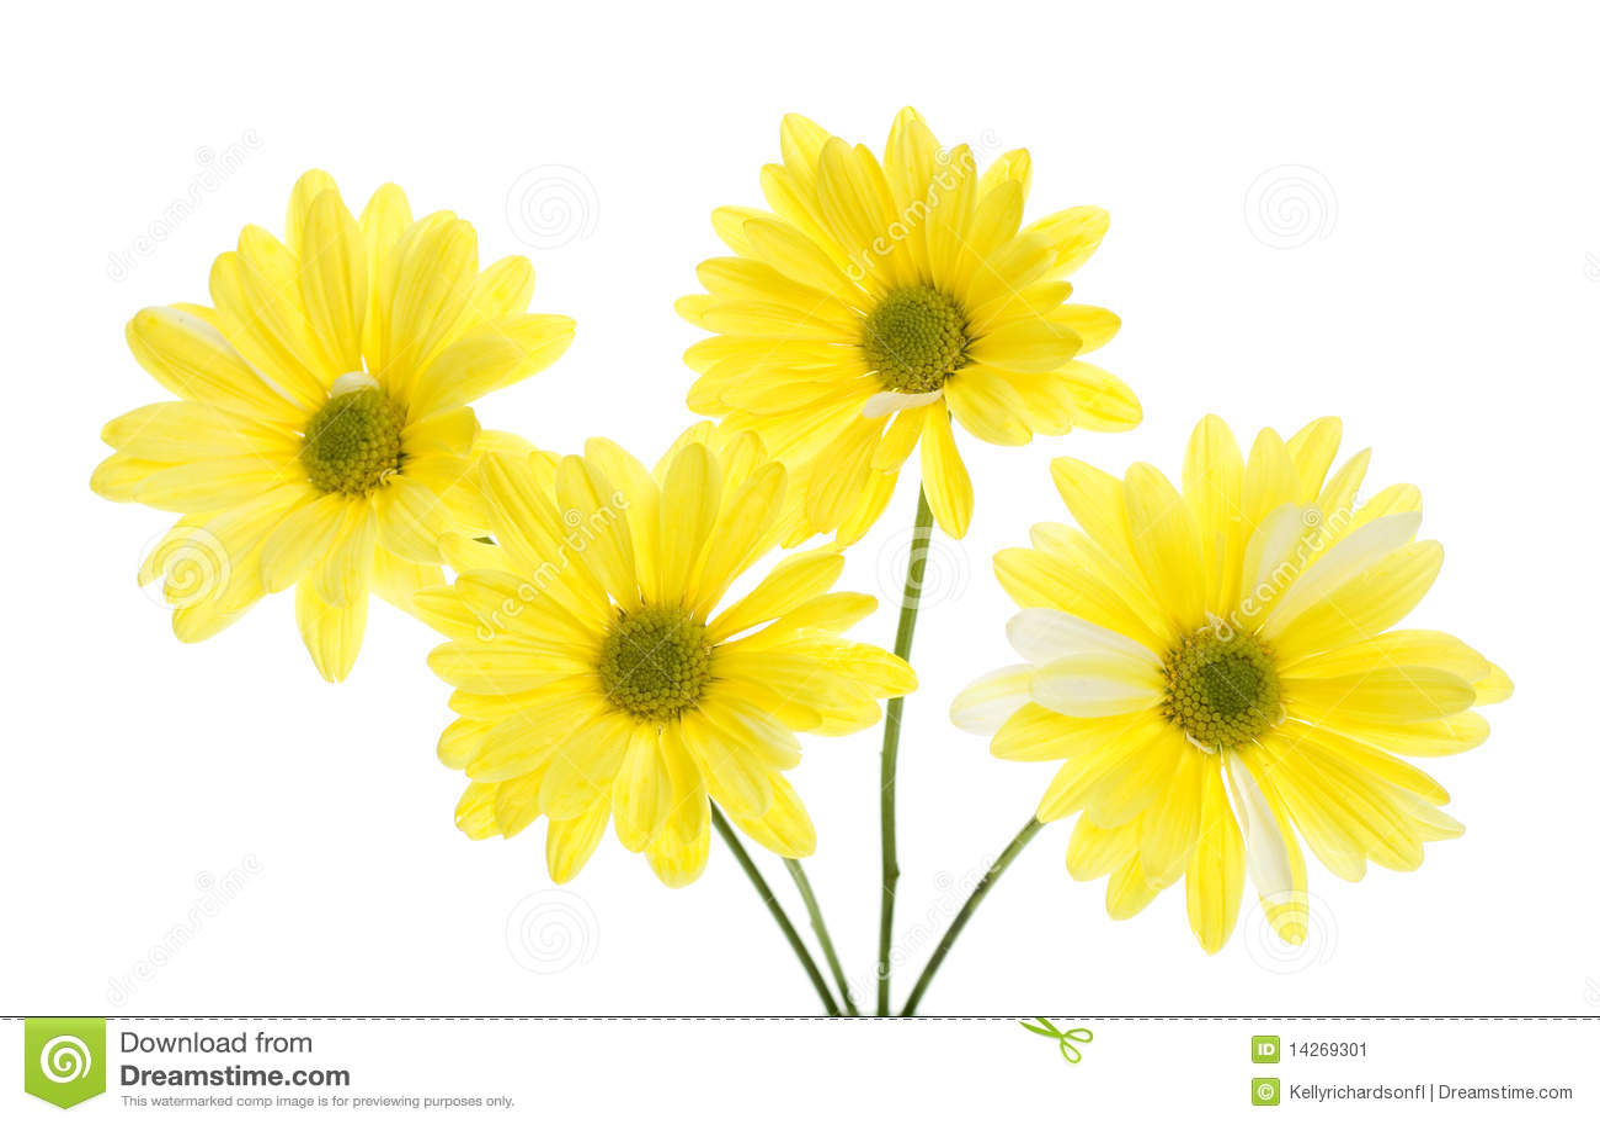 маргаритка цветет 4 изолированный желтый цвет shasta белый